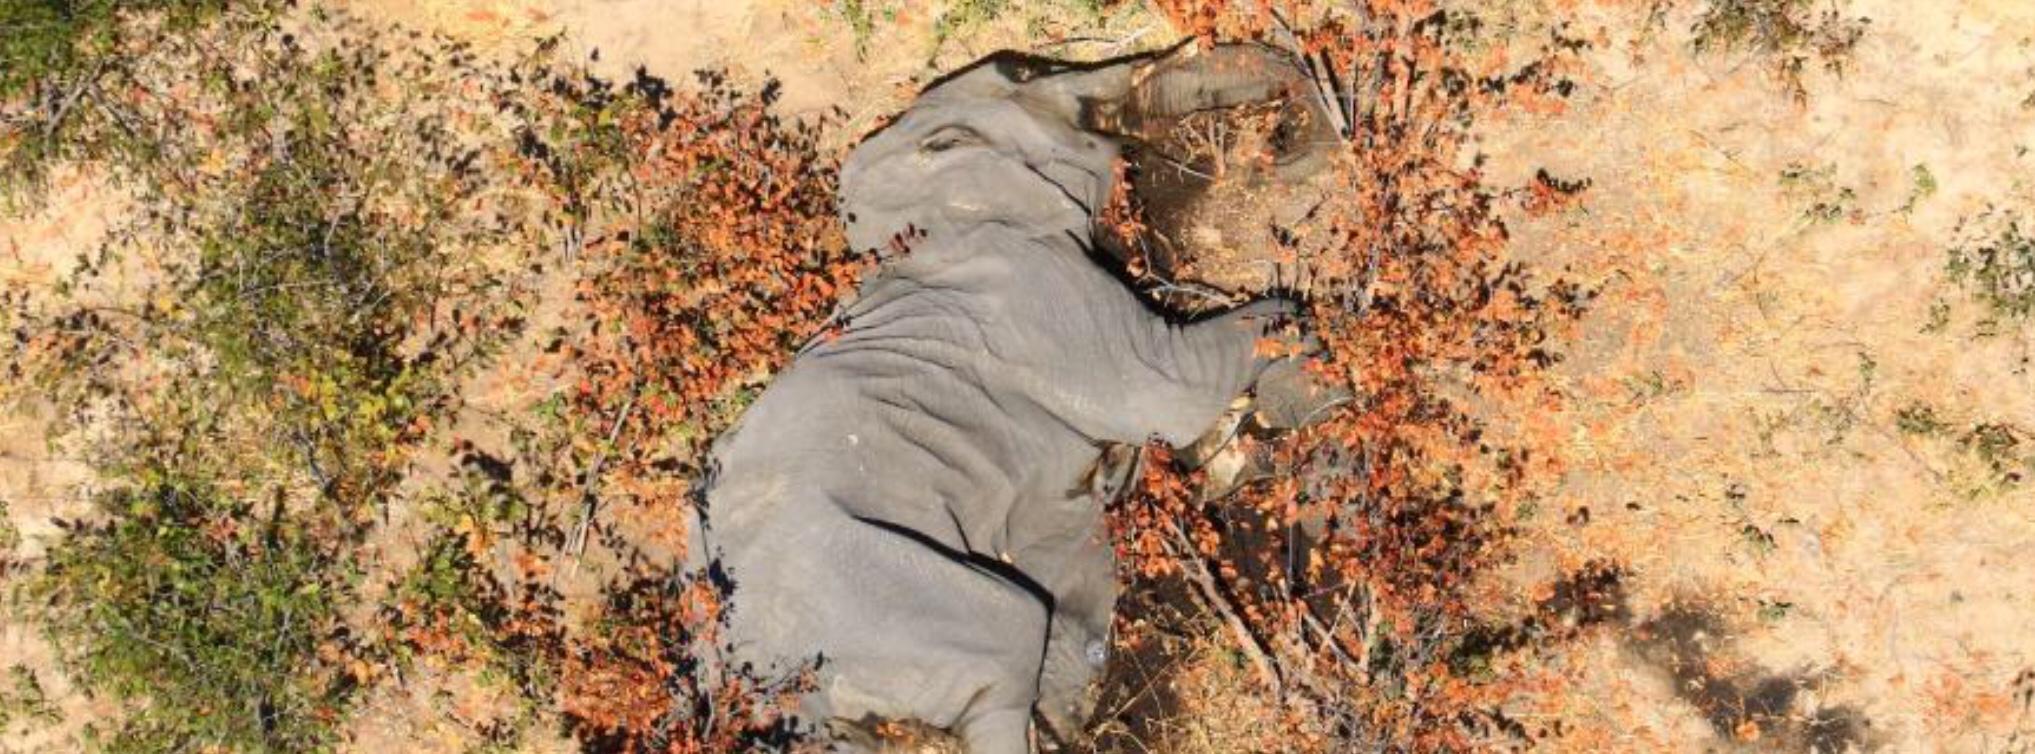 Massive death of Botswana elephants